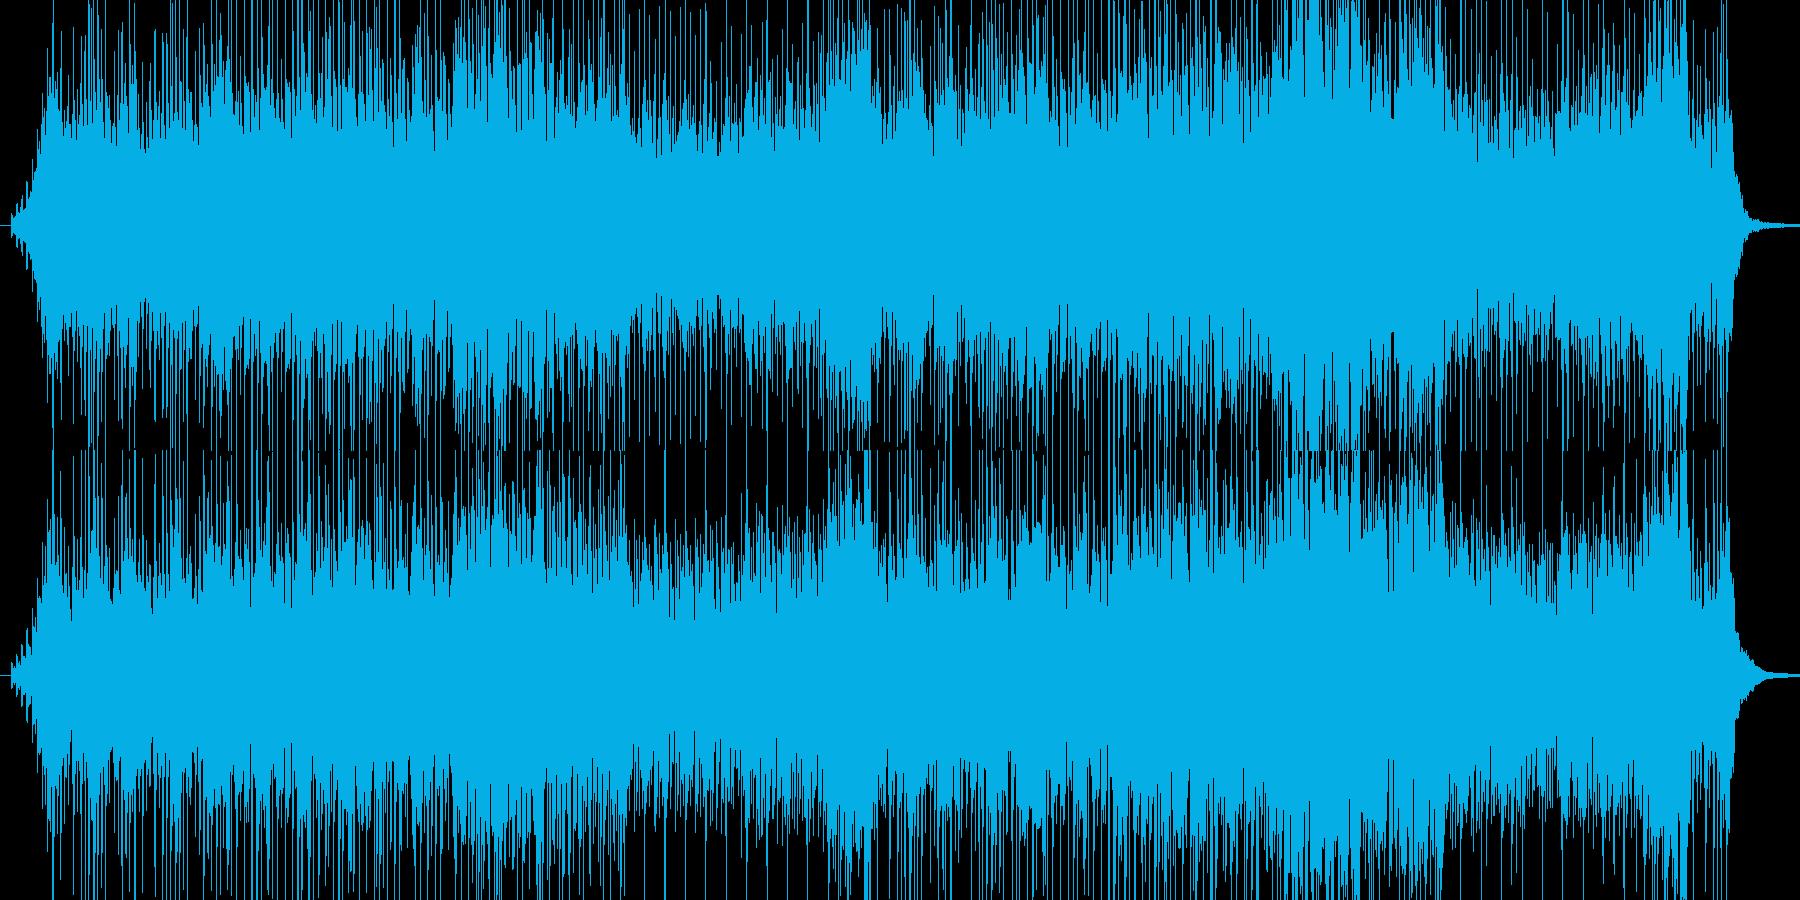 太鼓の重い音楽の再生済みの波形